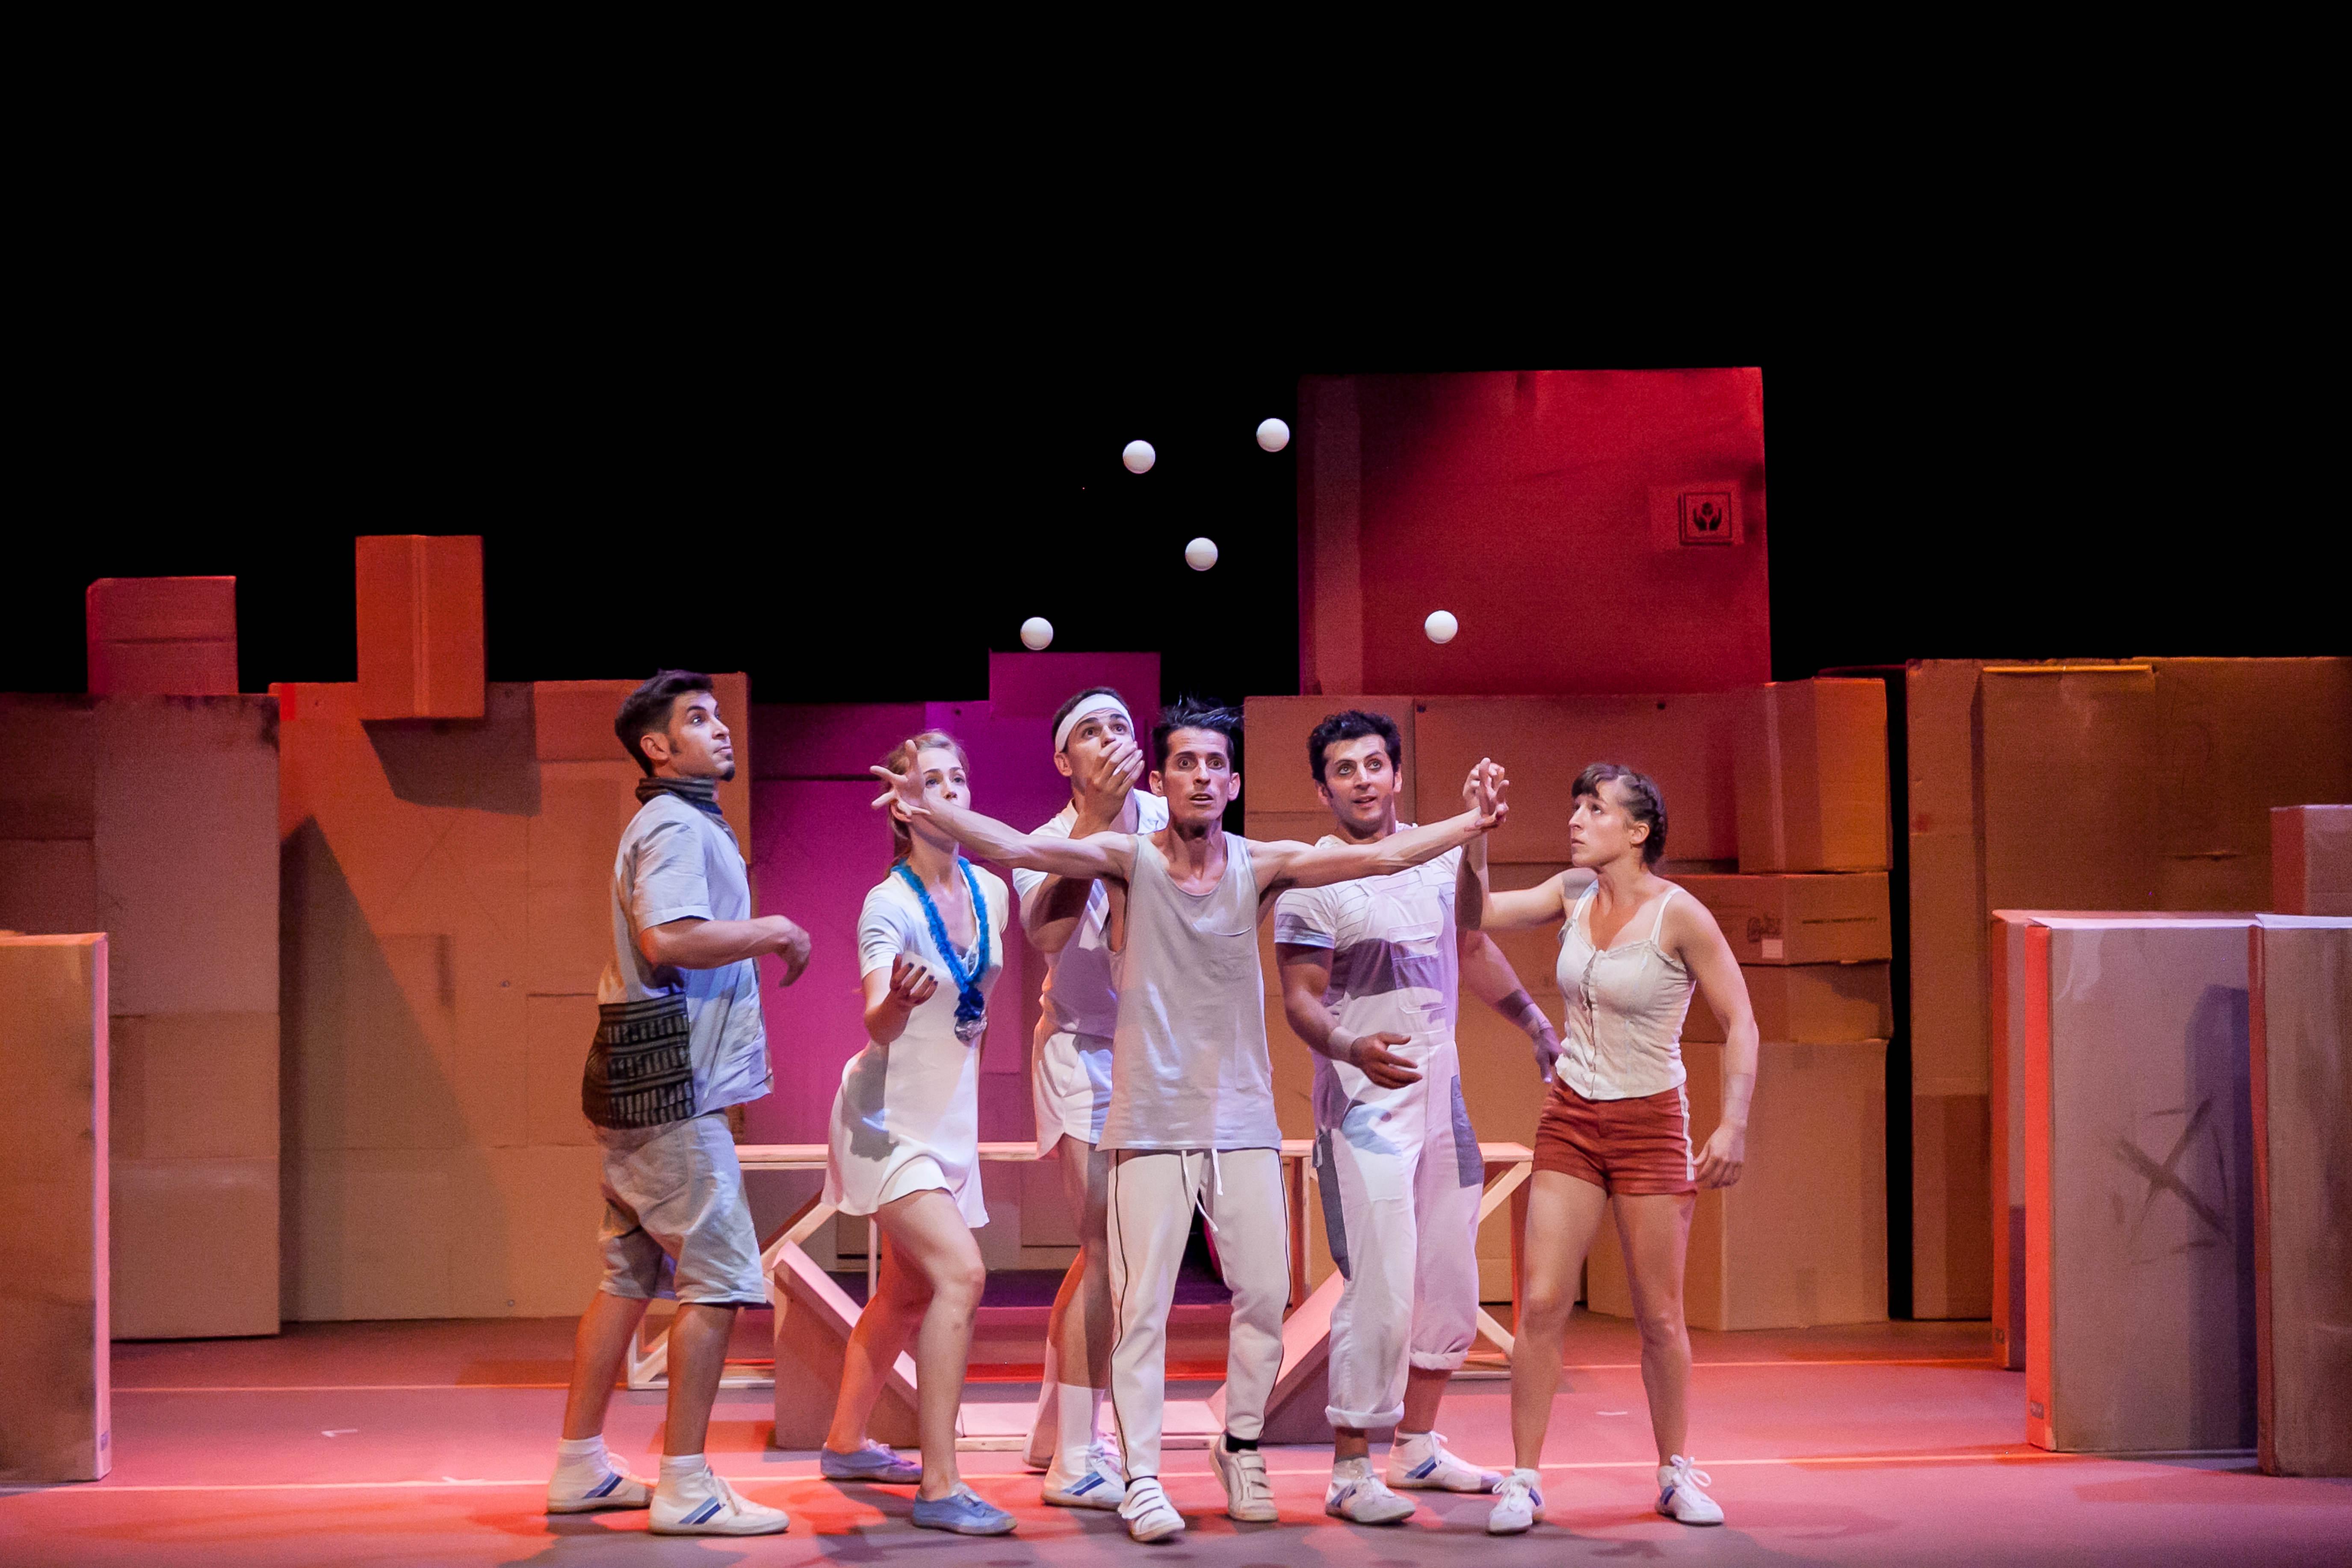 Telón trae al Teatro Leal el espectáculo de Ludo Circus Show